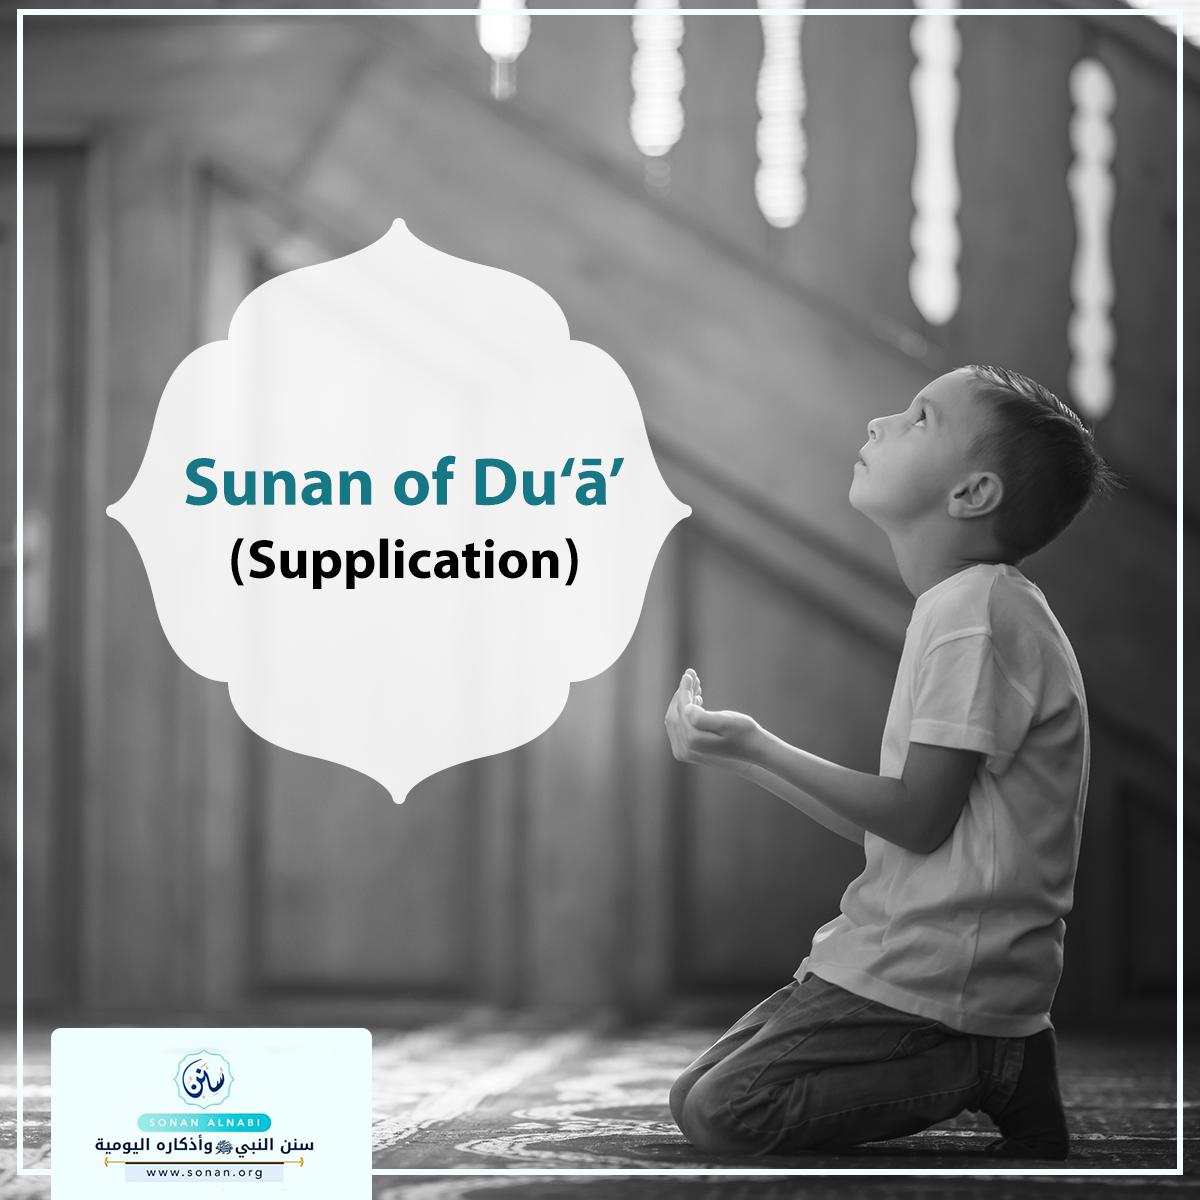 Sunan of Du'ā' (Supplication).